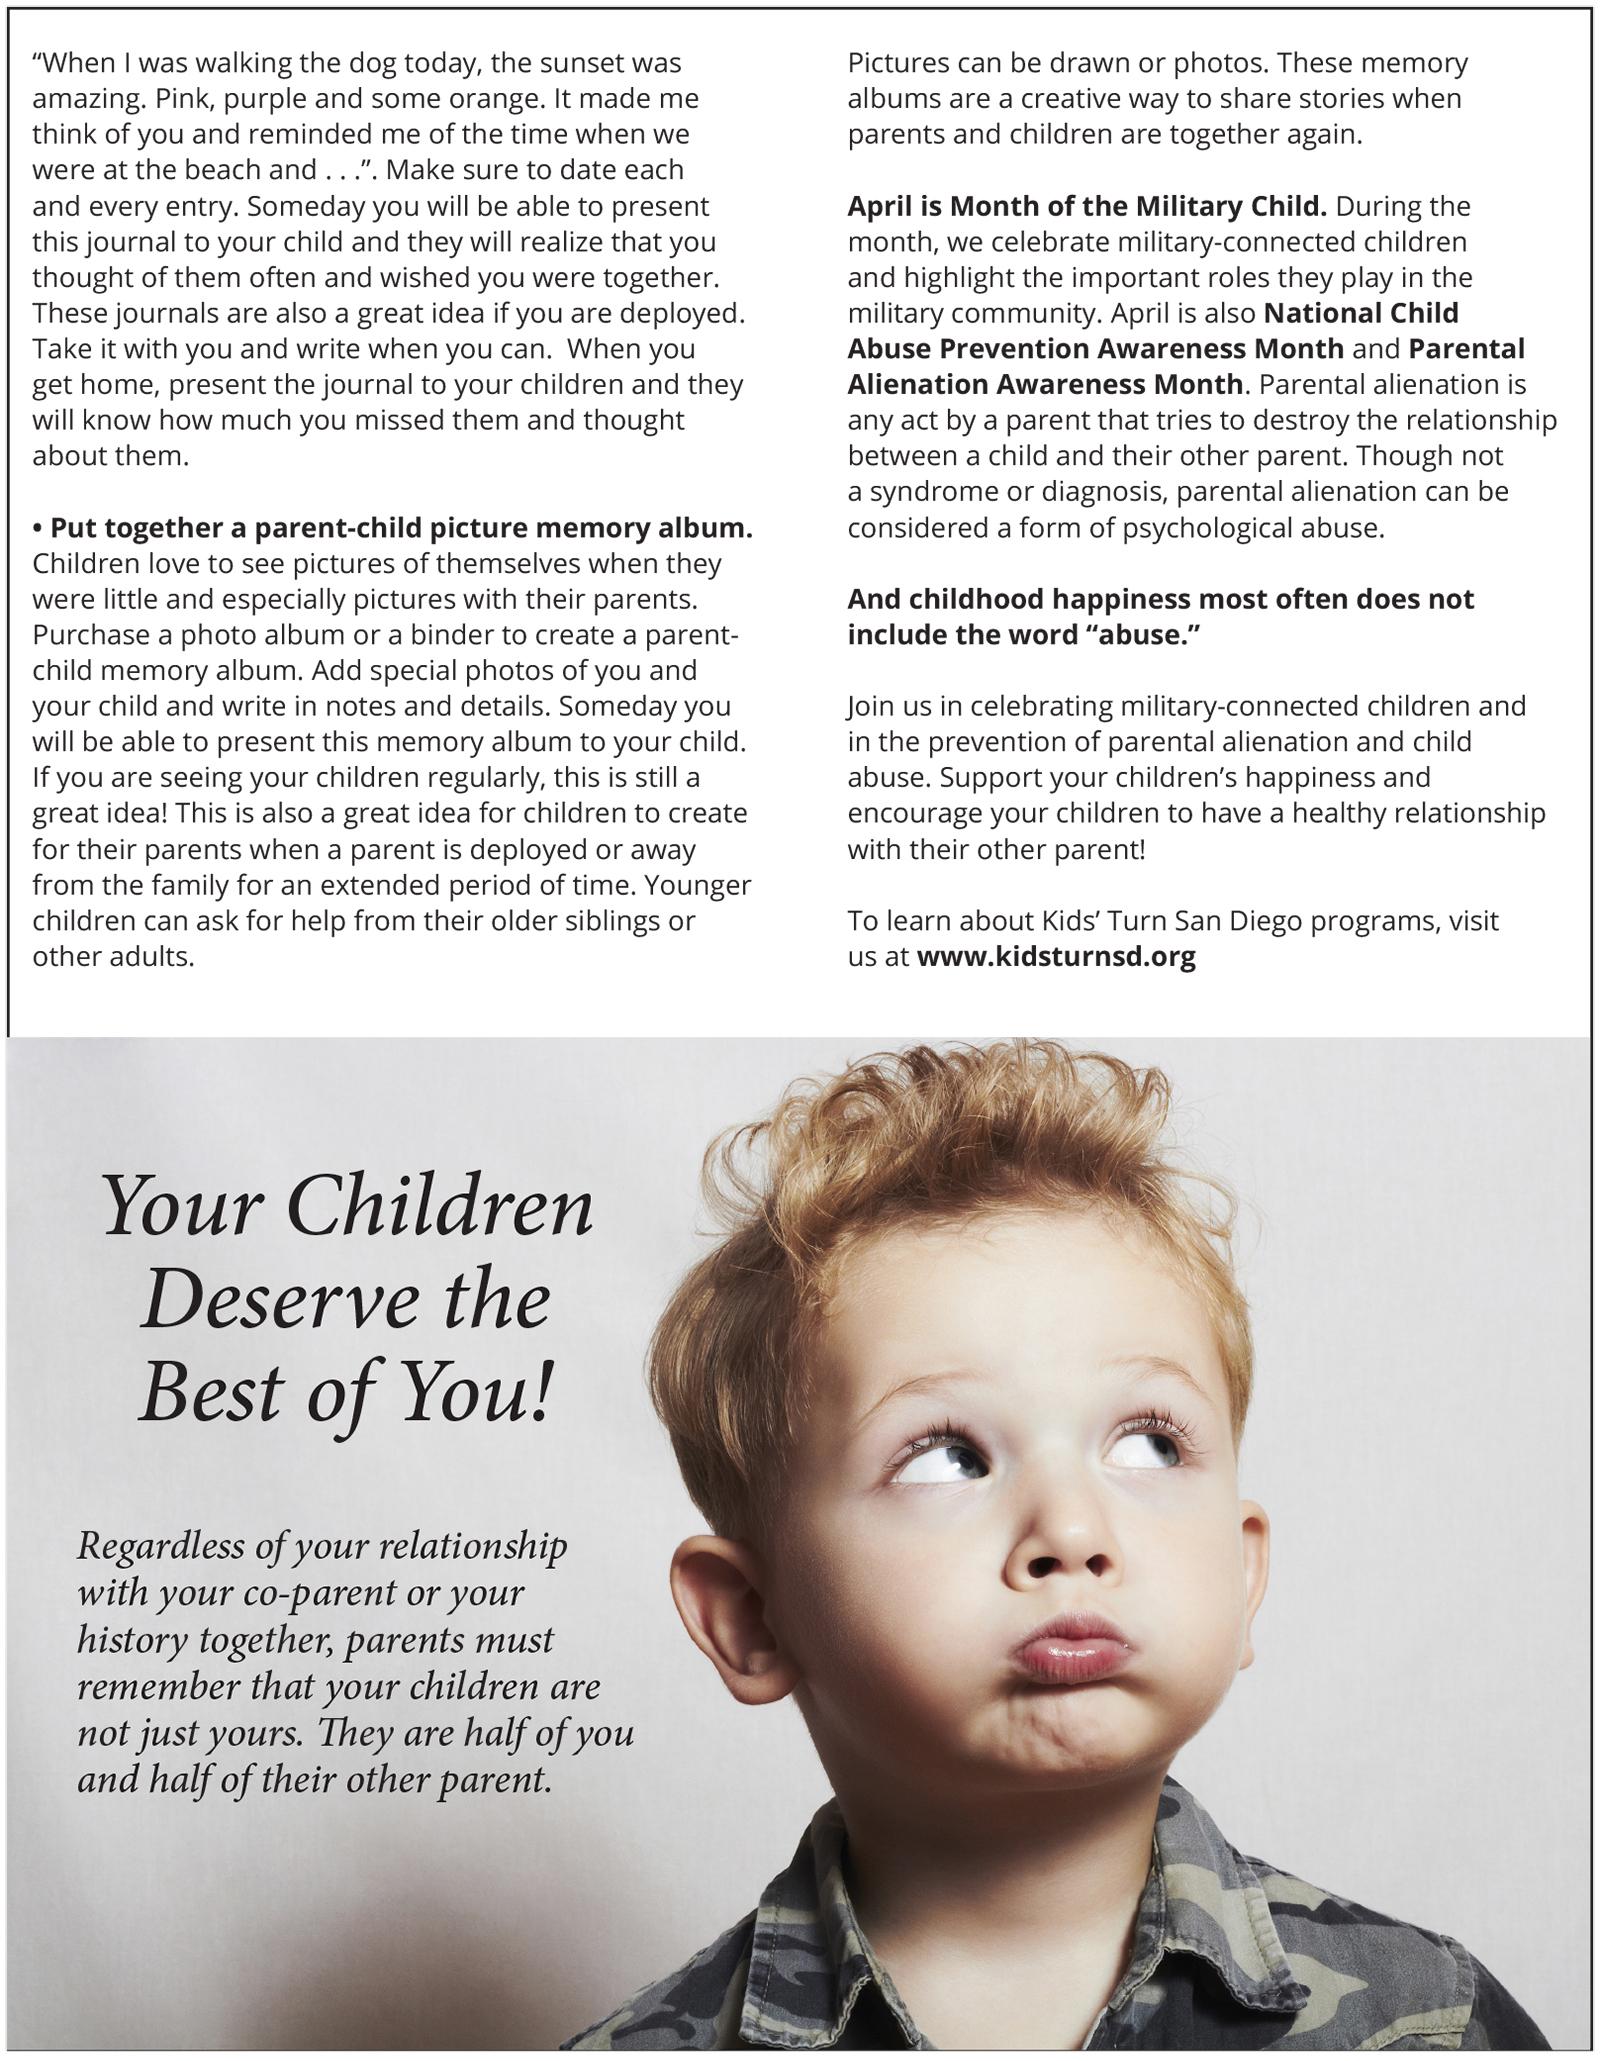 https://homelandmagazine.com/wp-content/uploads/2021/04/kids-3.jpg